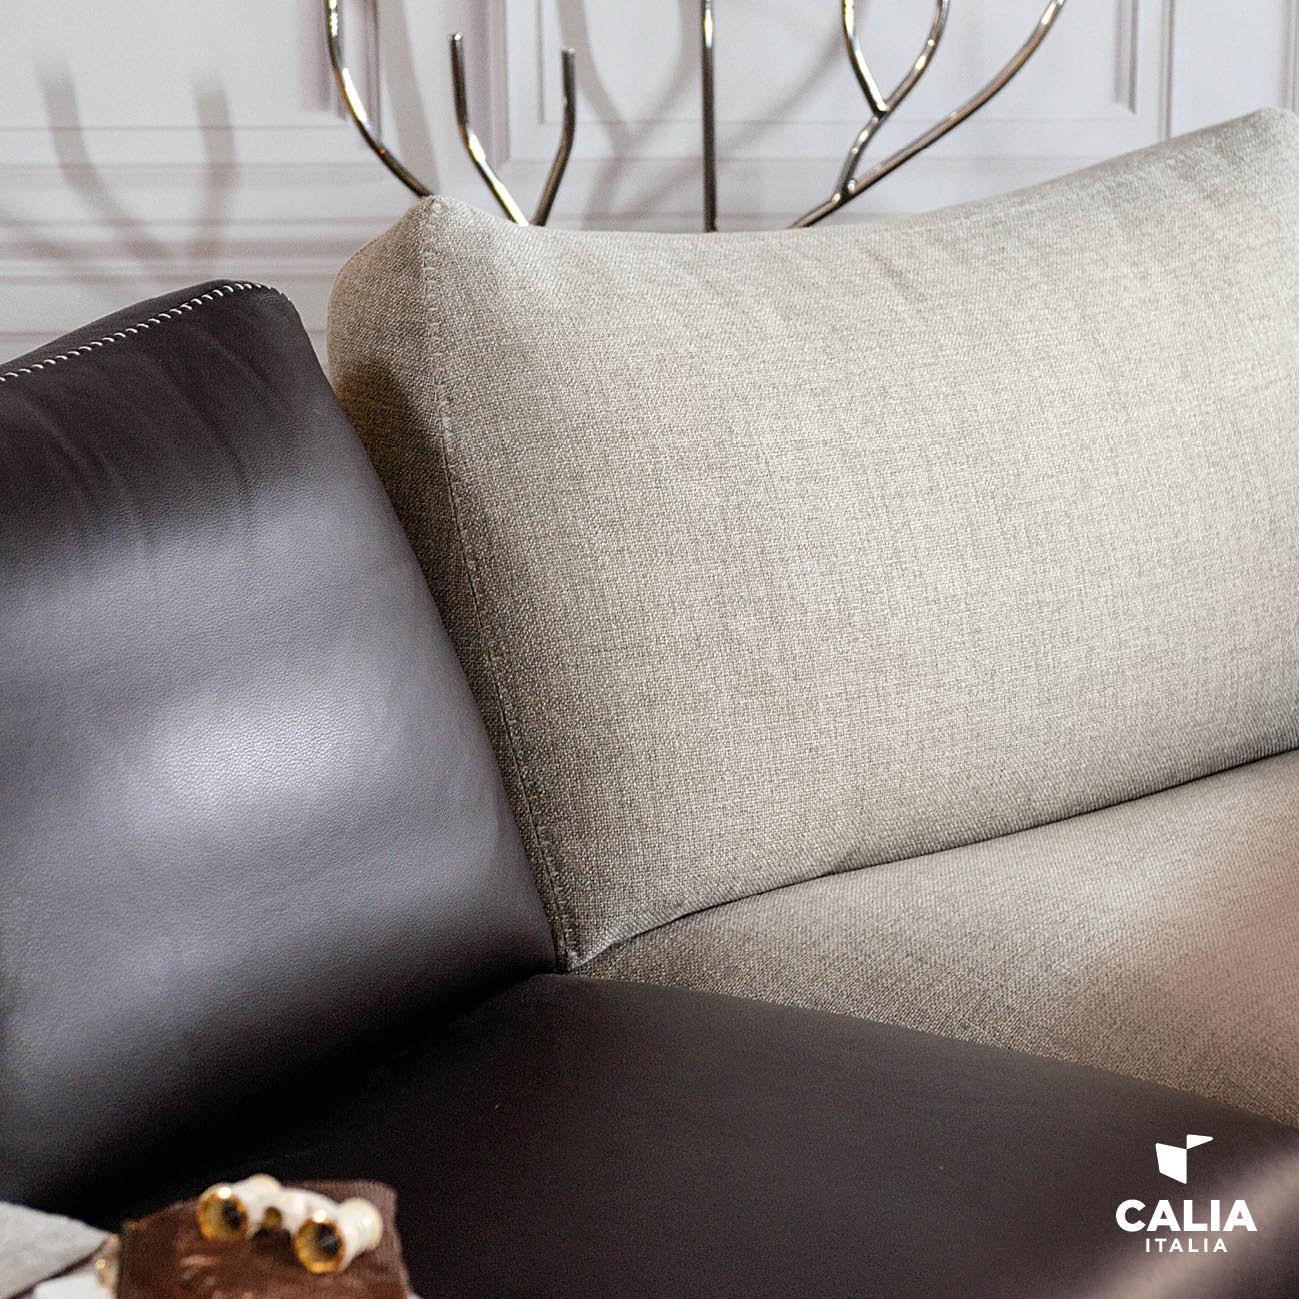 Caliaitalia - Modula